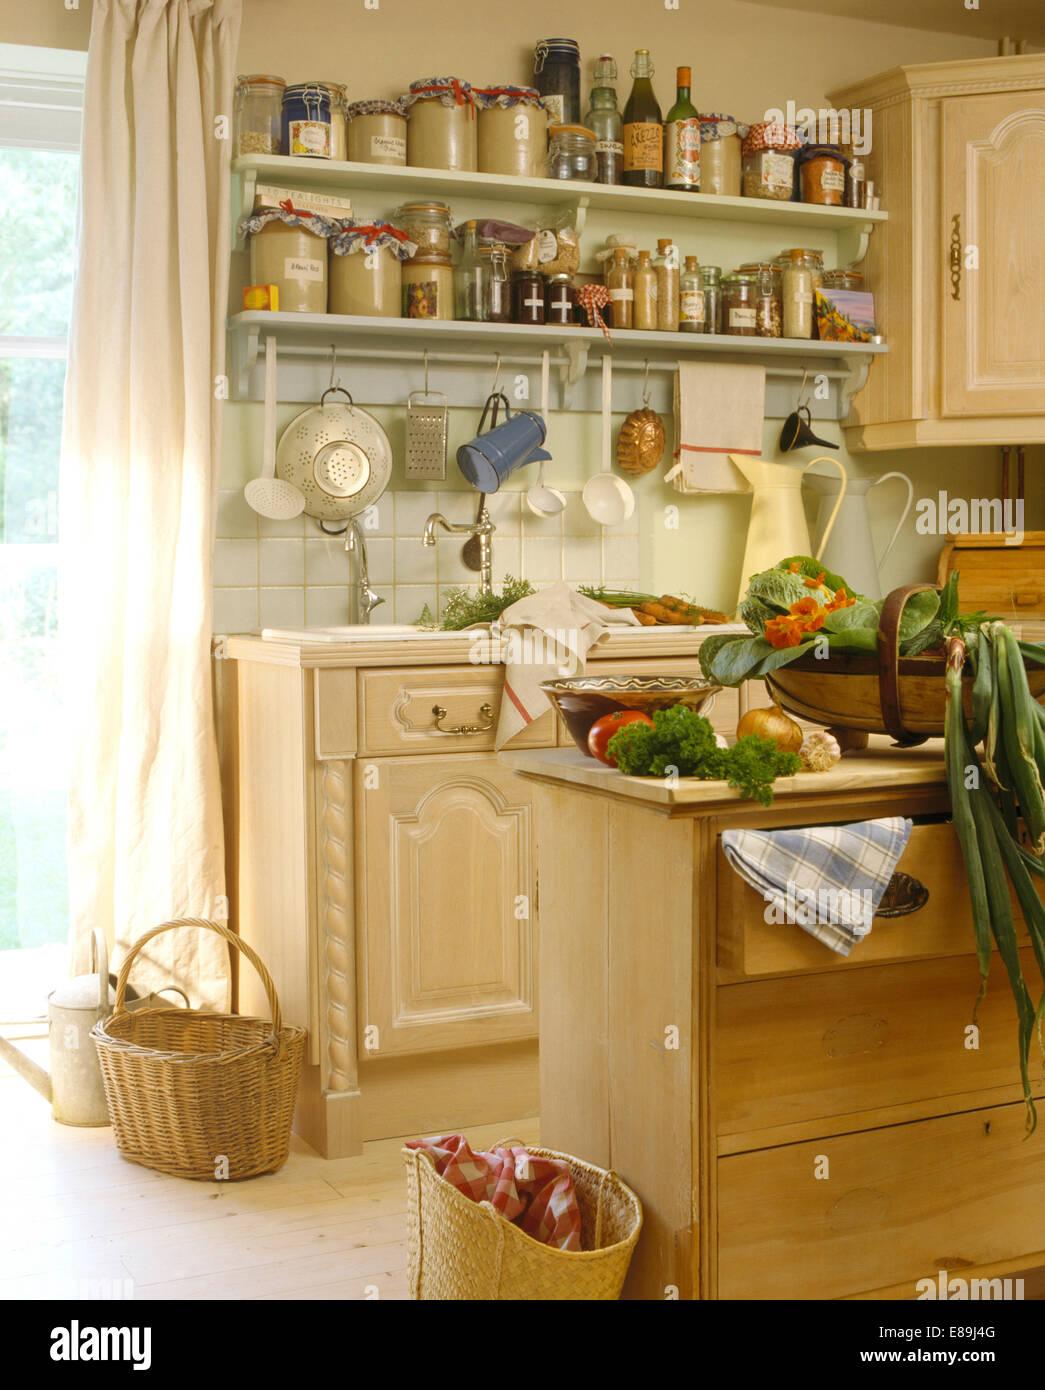 Gläsern Lagerung auf Regalen über Waschbecken im Cottage-Küche mit ...